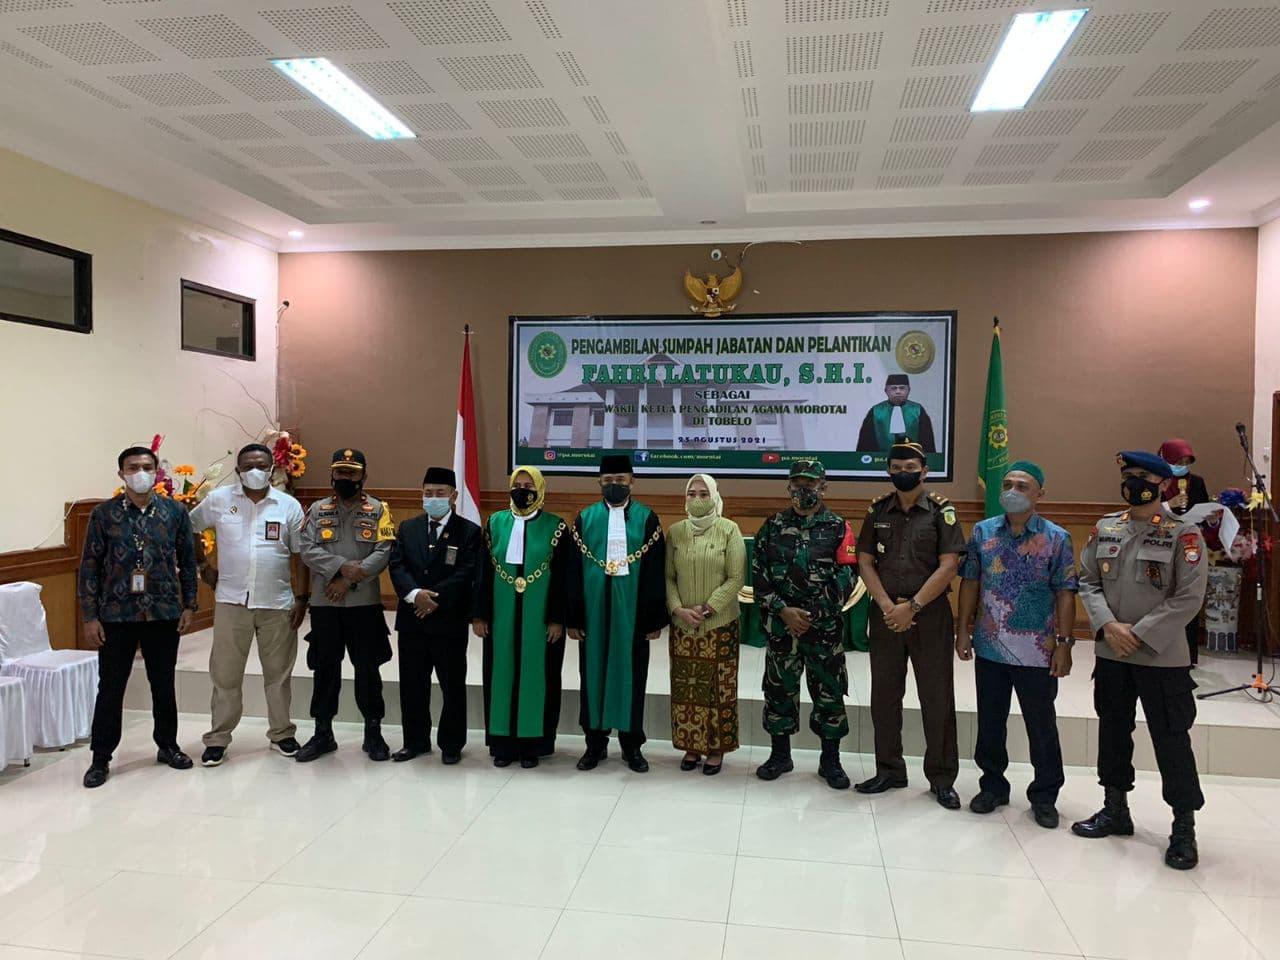 Agenda Pengadilan Agama - Pelantikan Wakil Ketua PA Morotai di Tobelo